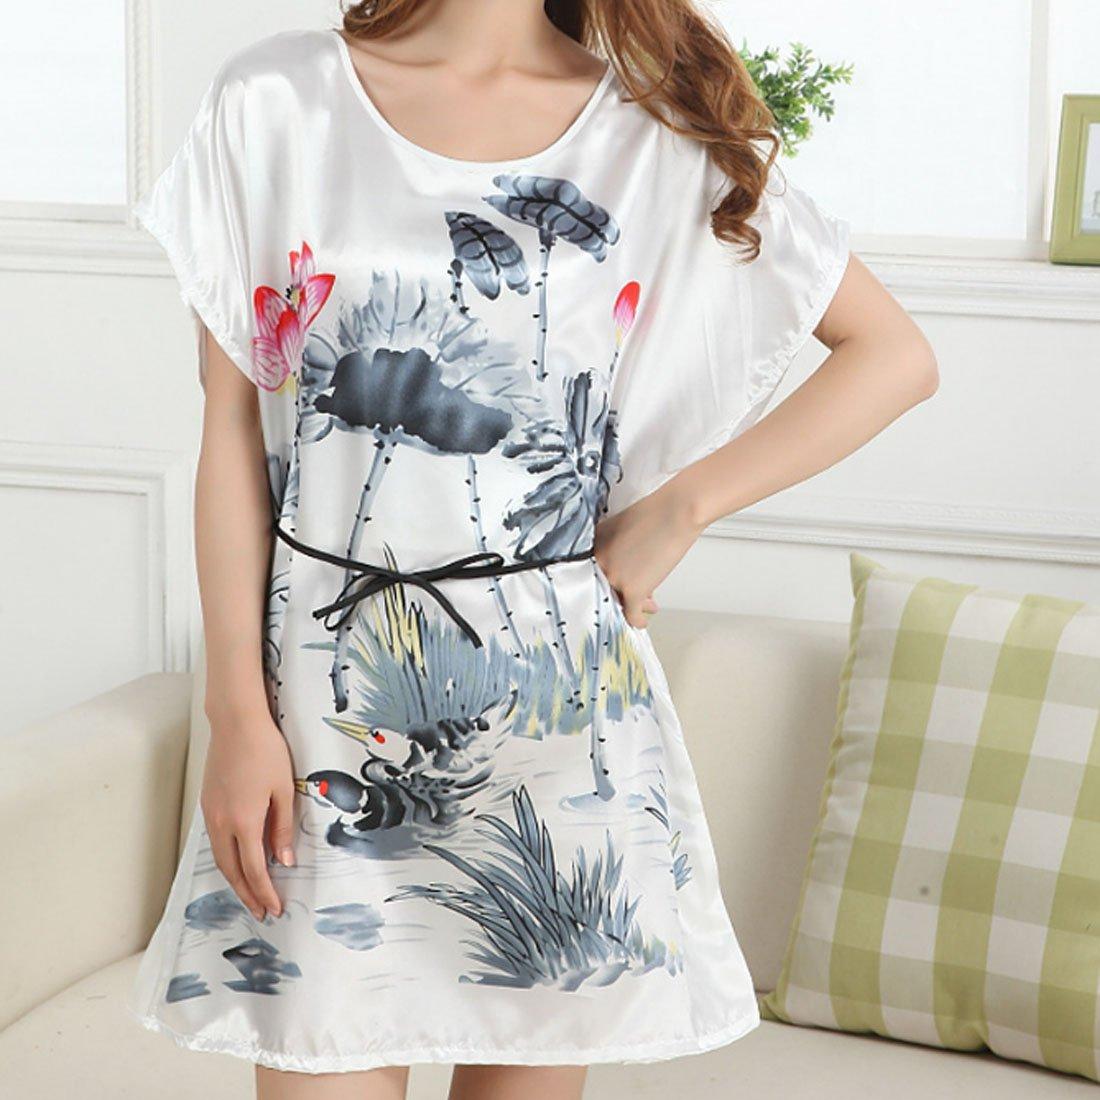 NEEVAS Womens Chinese Style Short Sleeve Silk Dress Loose Nightgown Pajamas Bathrobe